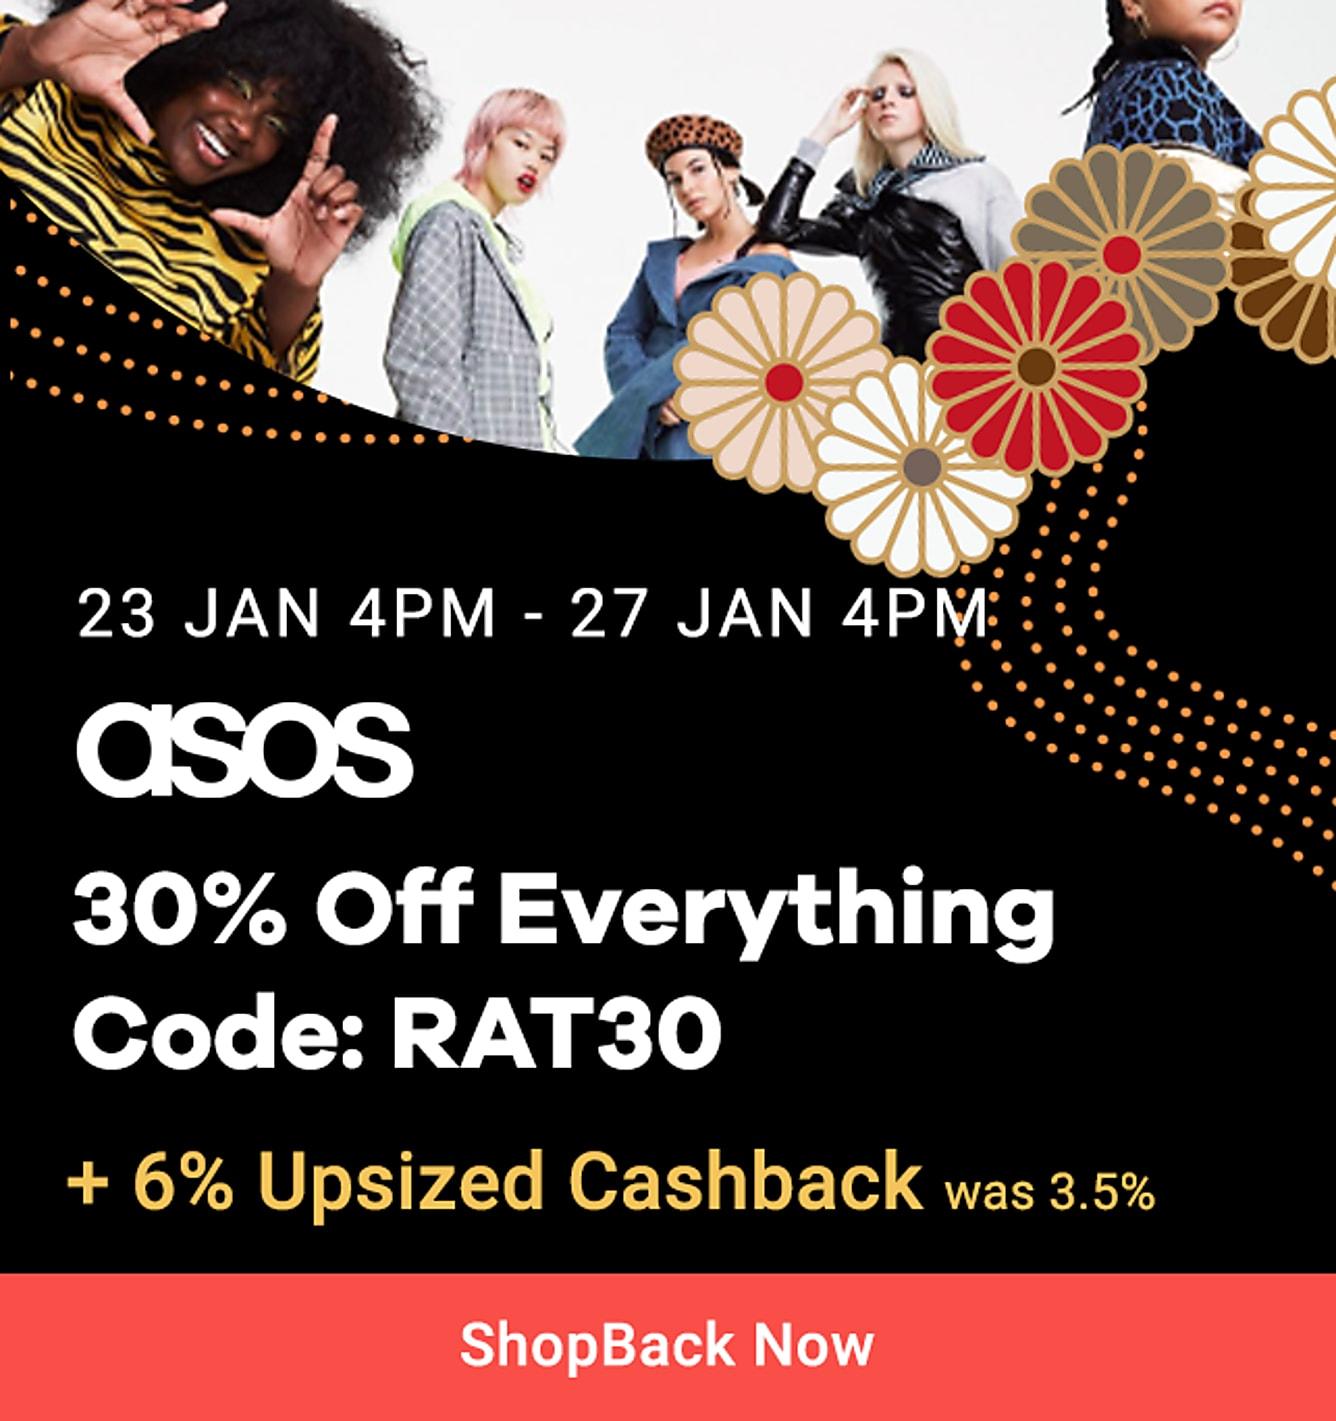 asos 30% off everything + 6% upsized cashback